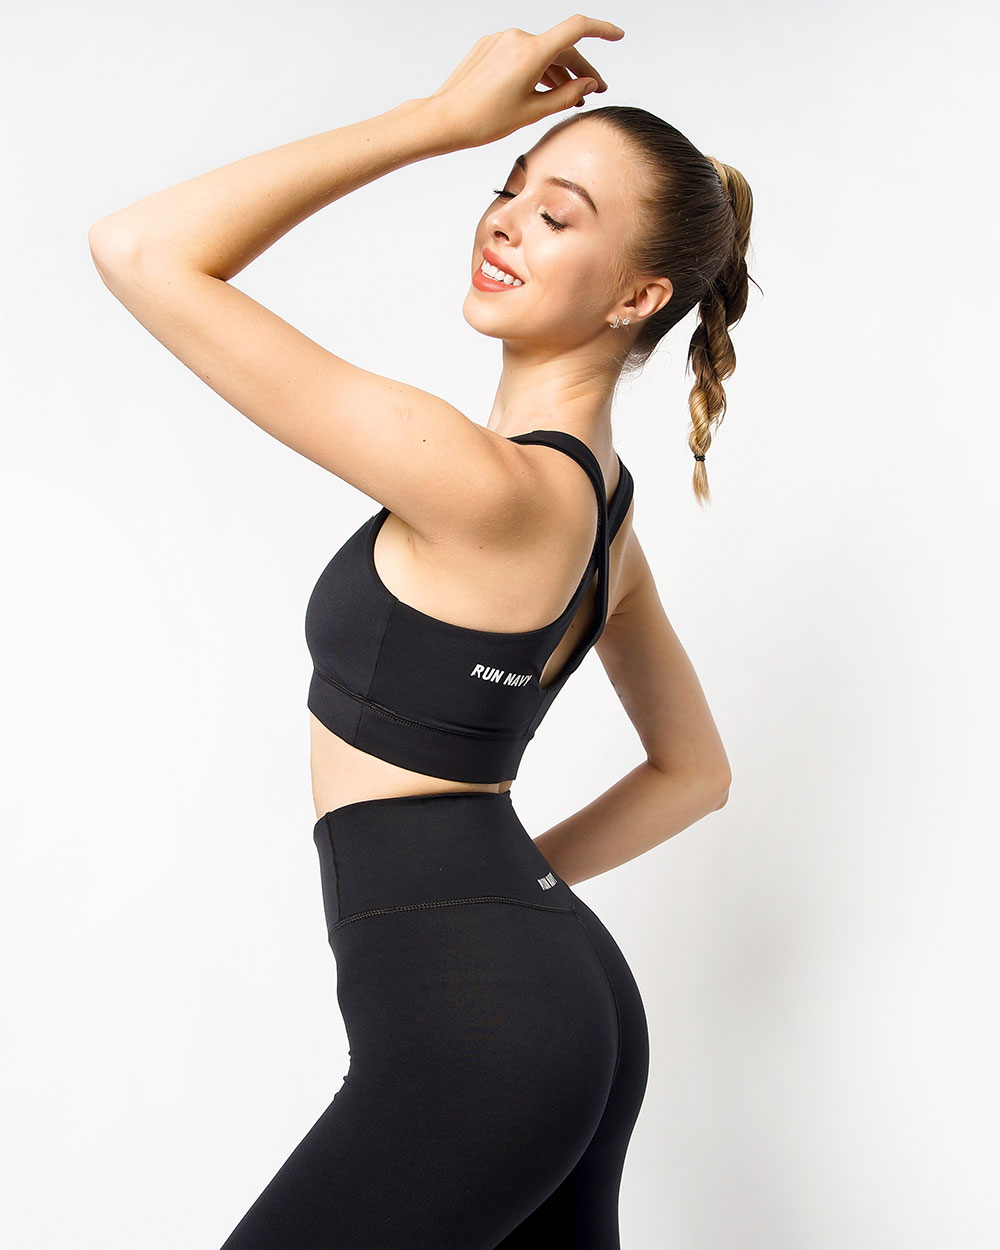 Áo Bra tập yoga, gym WBR61